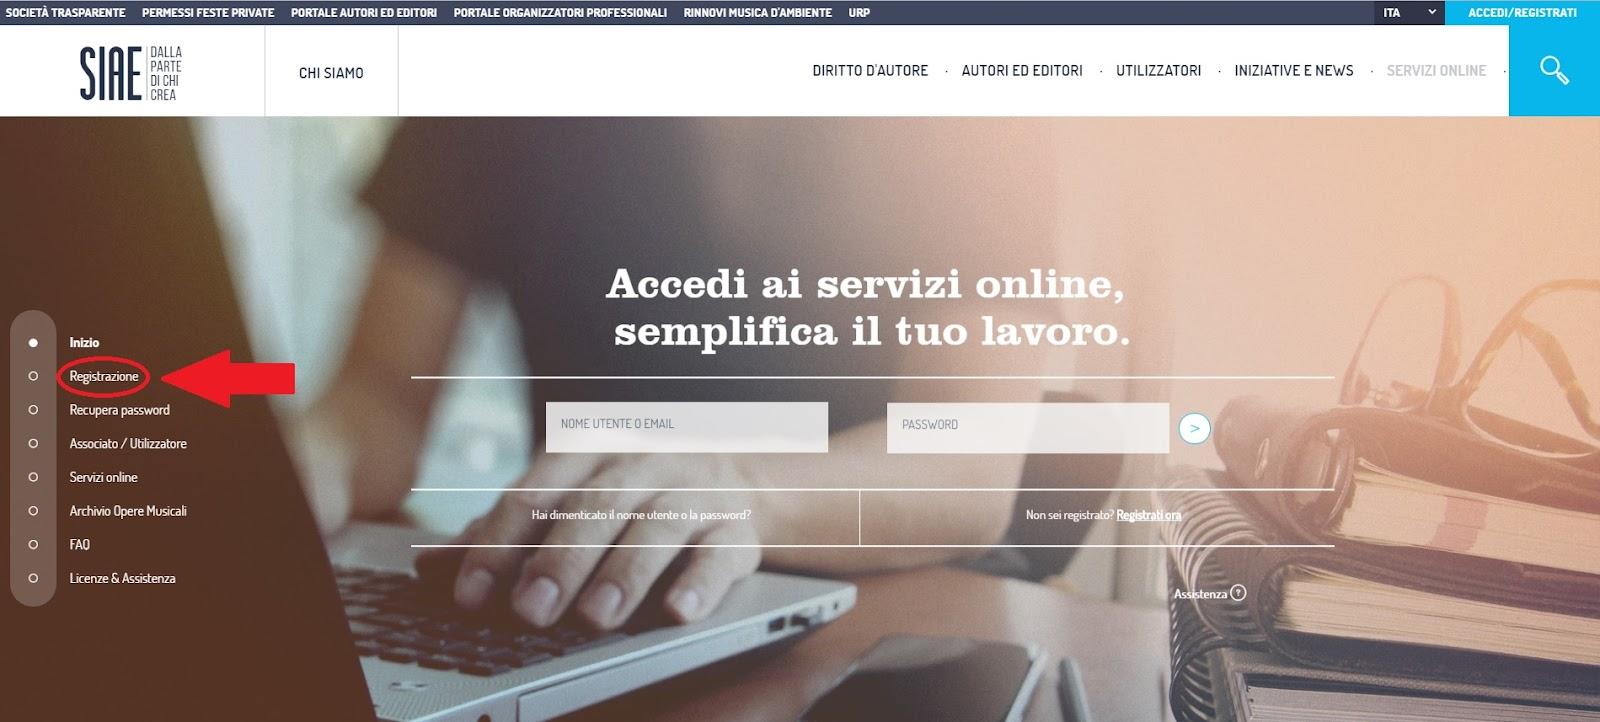 Iscrizione ai servizi online.jpg